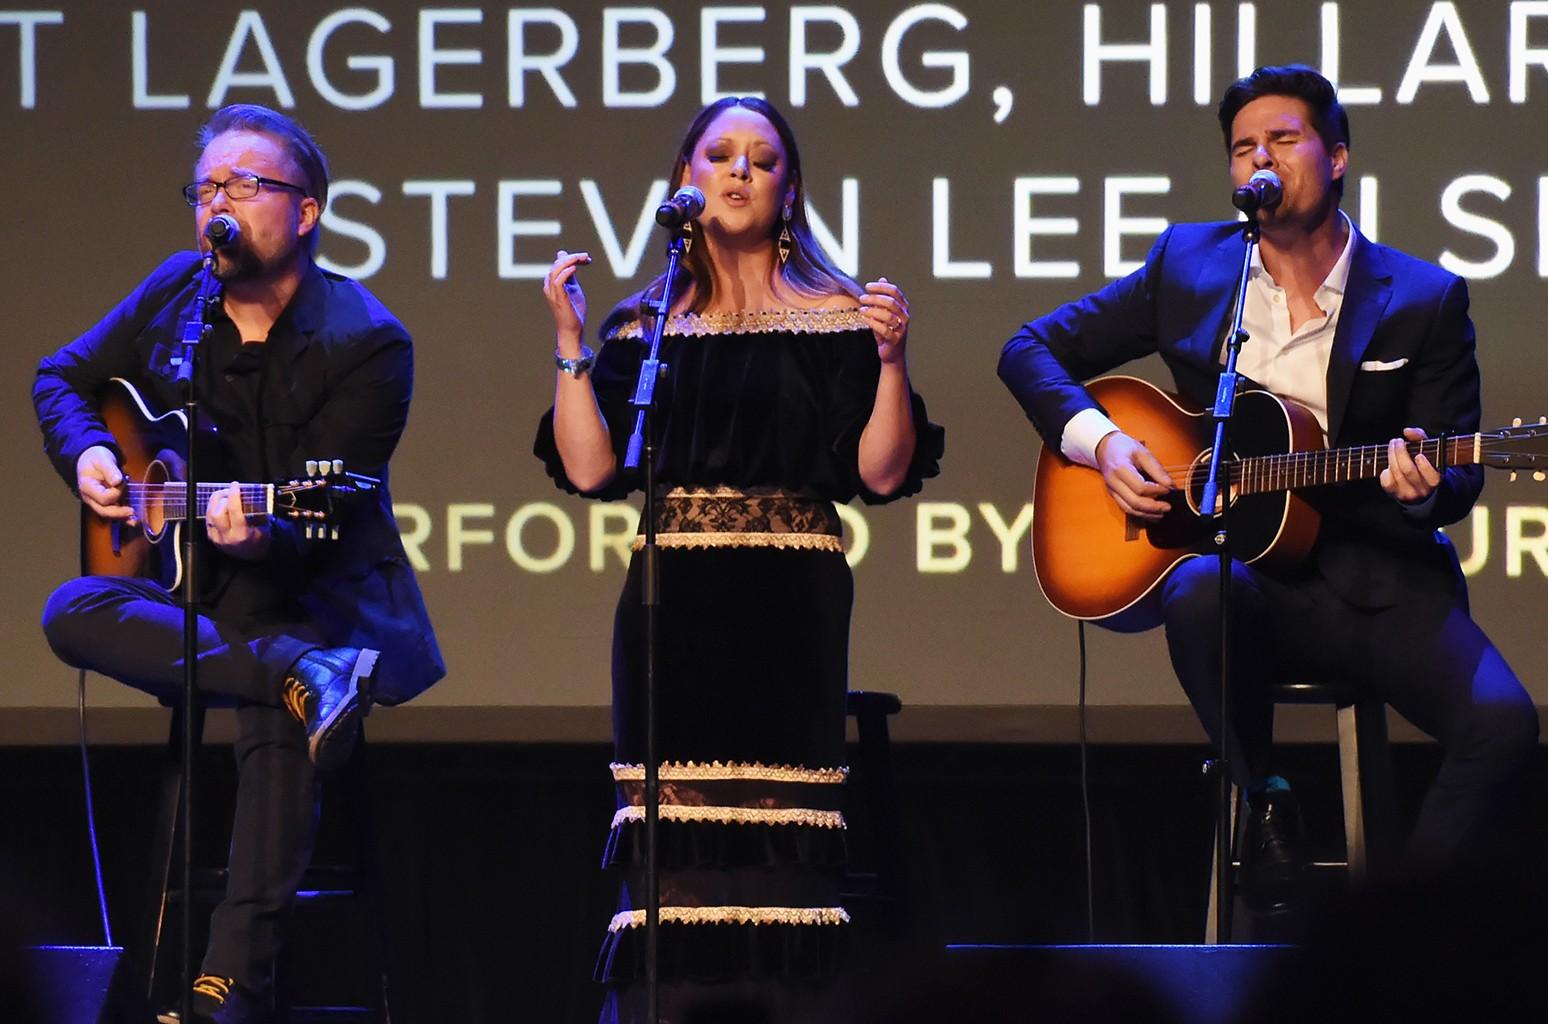 Clint Lagerberg, Hillary Lindsey & Steven Lee Olsen, 2017